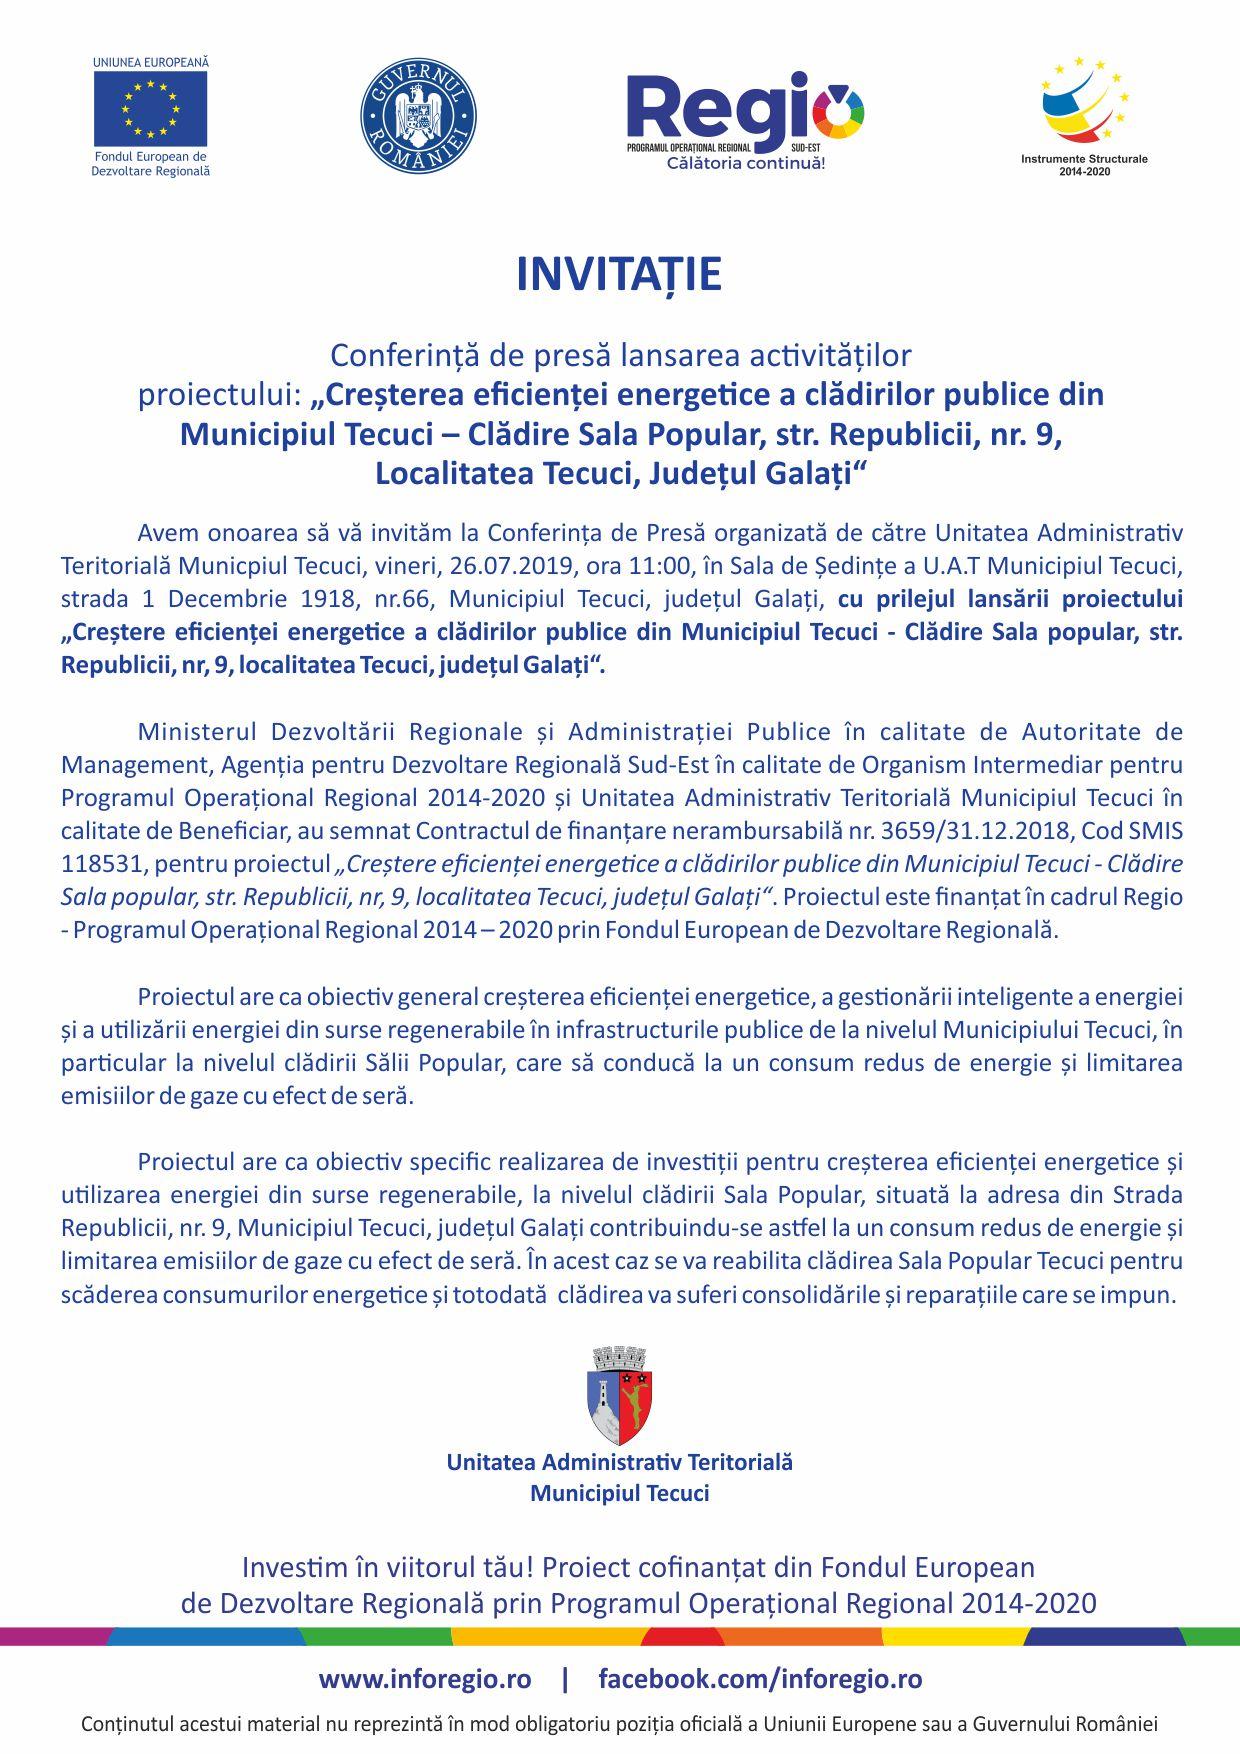 Mun. Tecuci - Cladire Sala Popular - SMIS 118531 - invitatie (2)